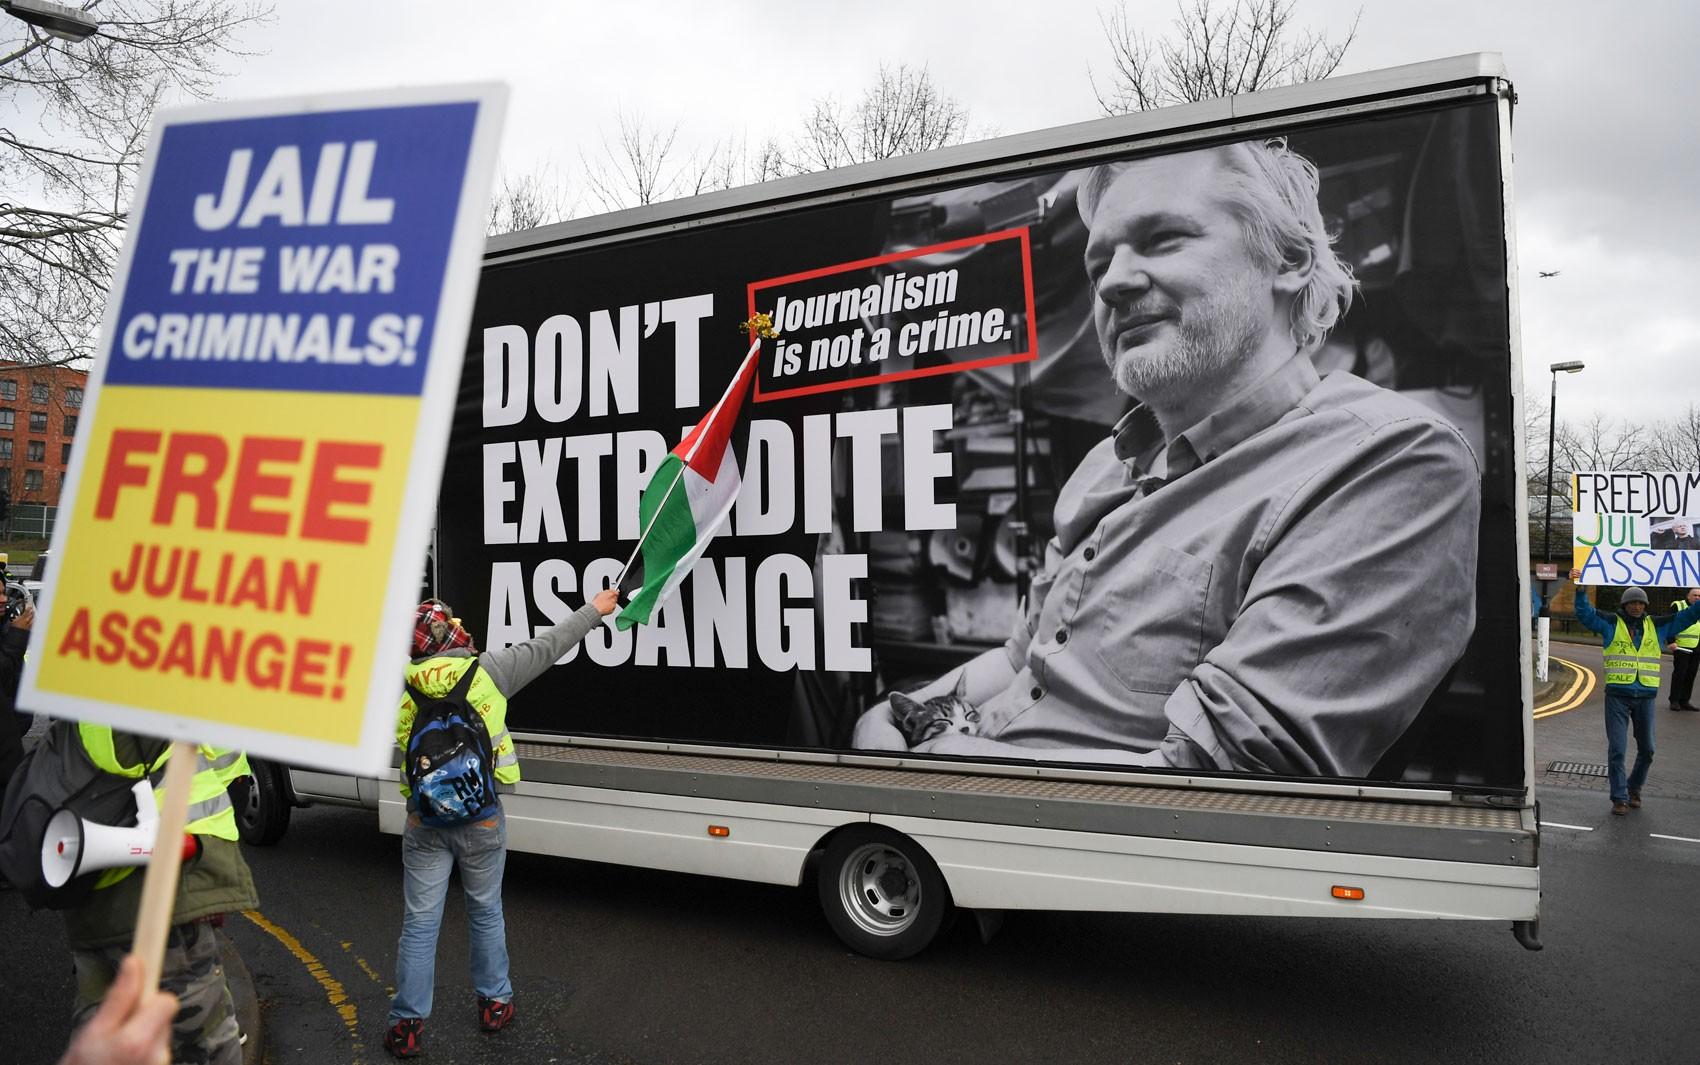 Começa audiência de extradição de Julian Assange na Justiça do Reino Unido